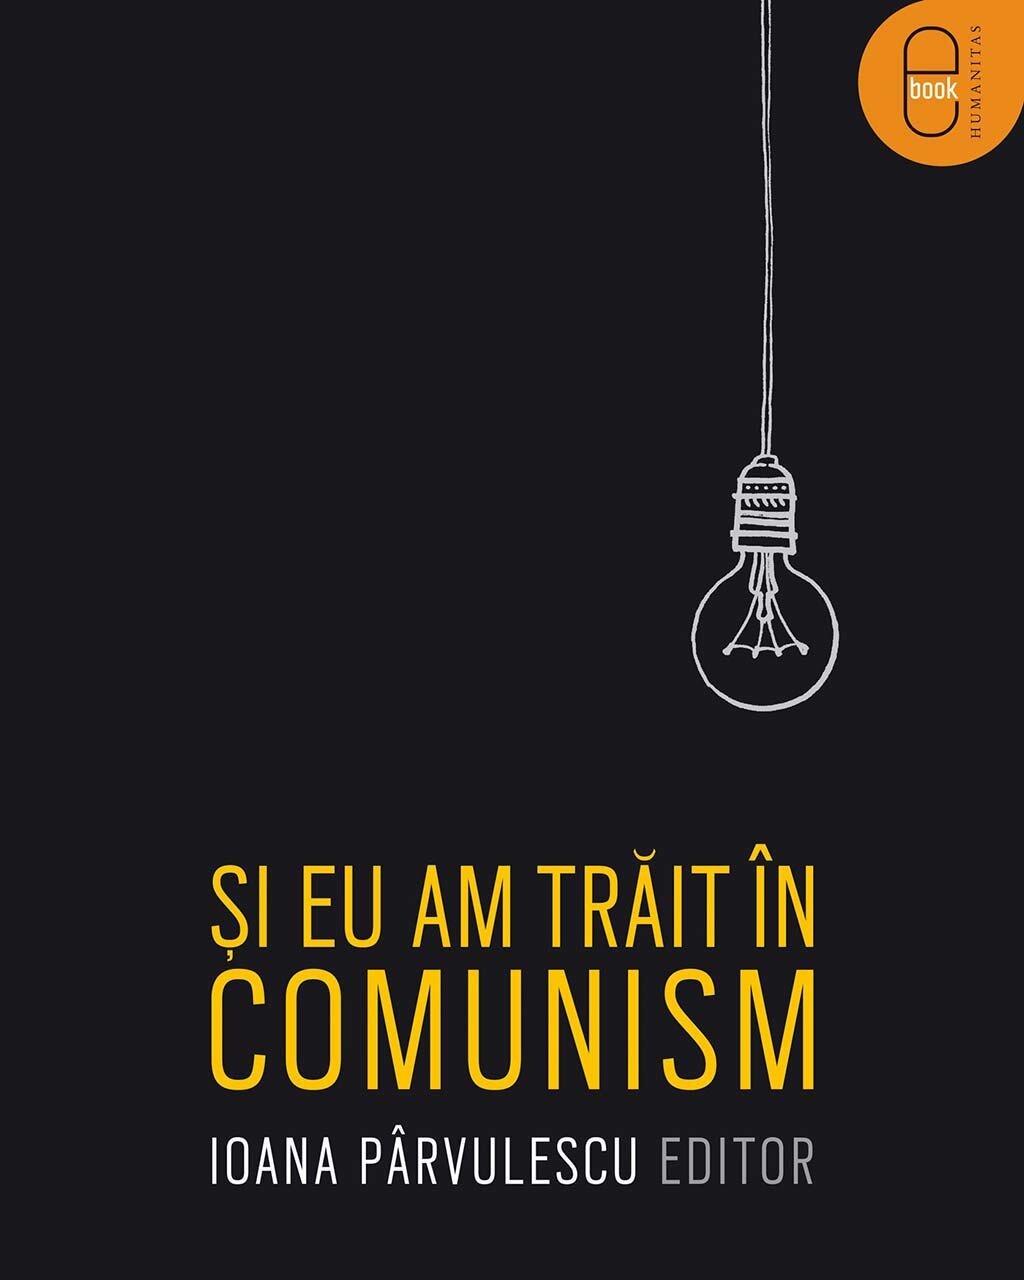 Si eu am trait in comunism PDF (Download eBook)